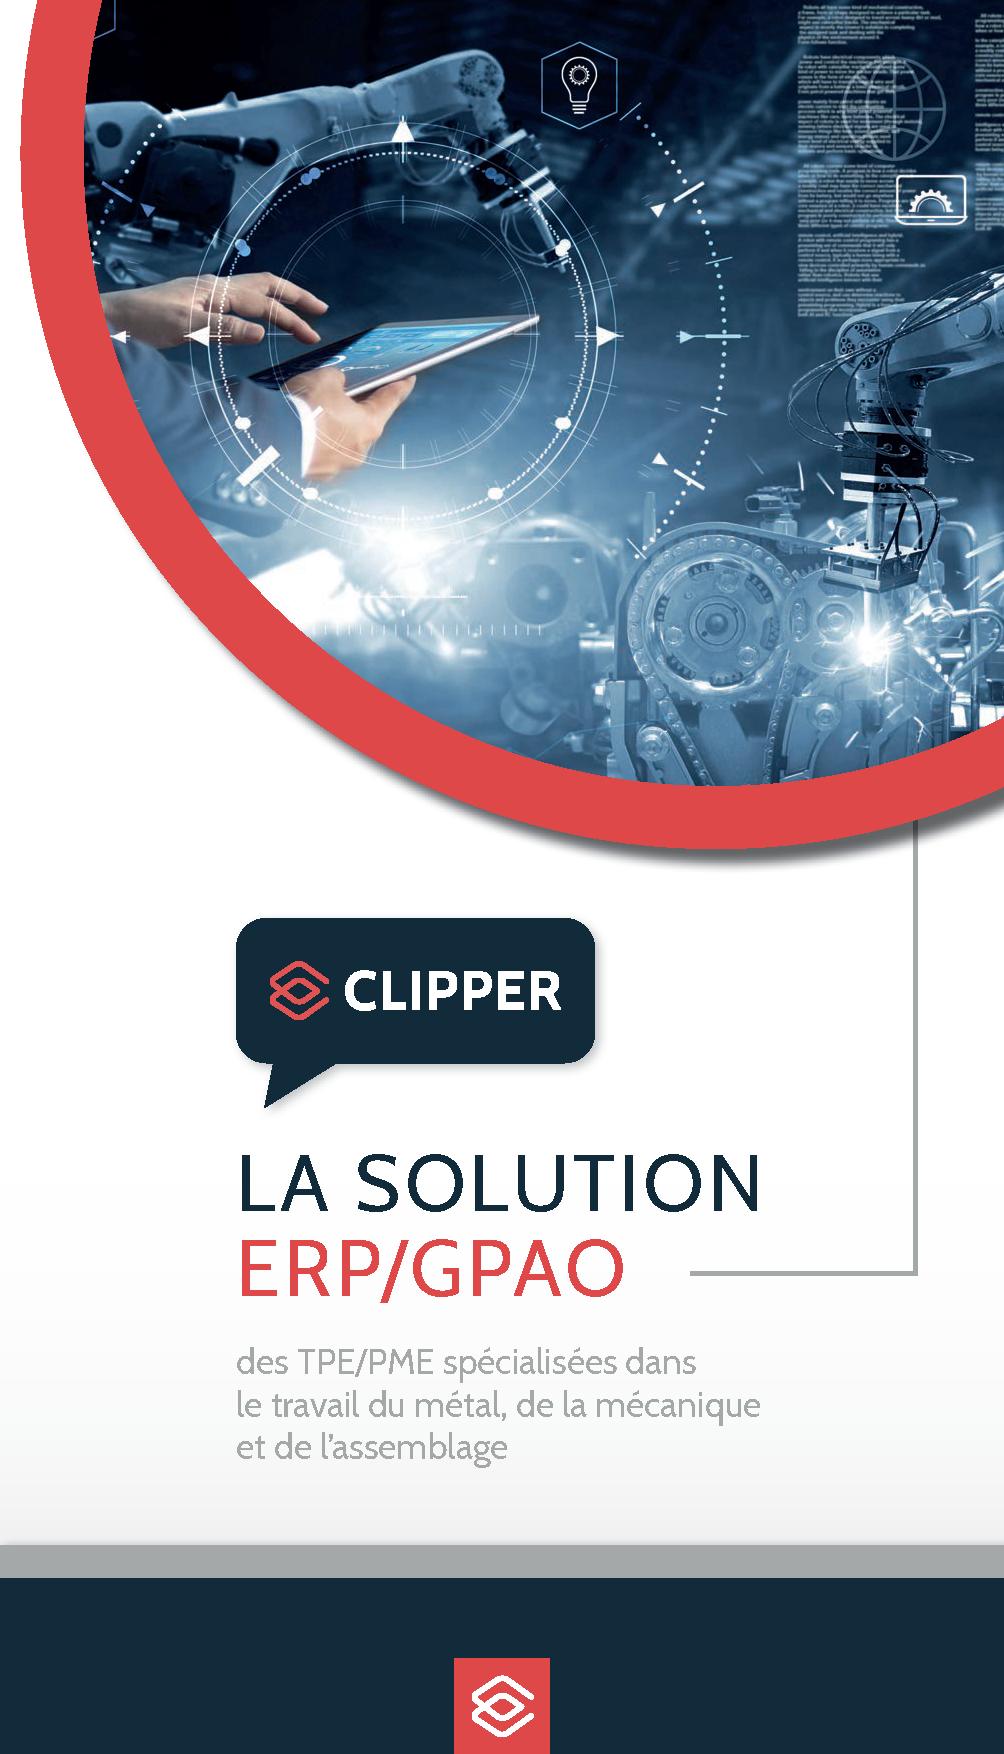 Plaquette-Clipper-2020